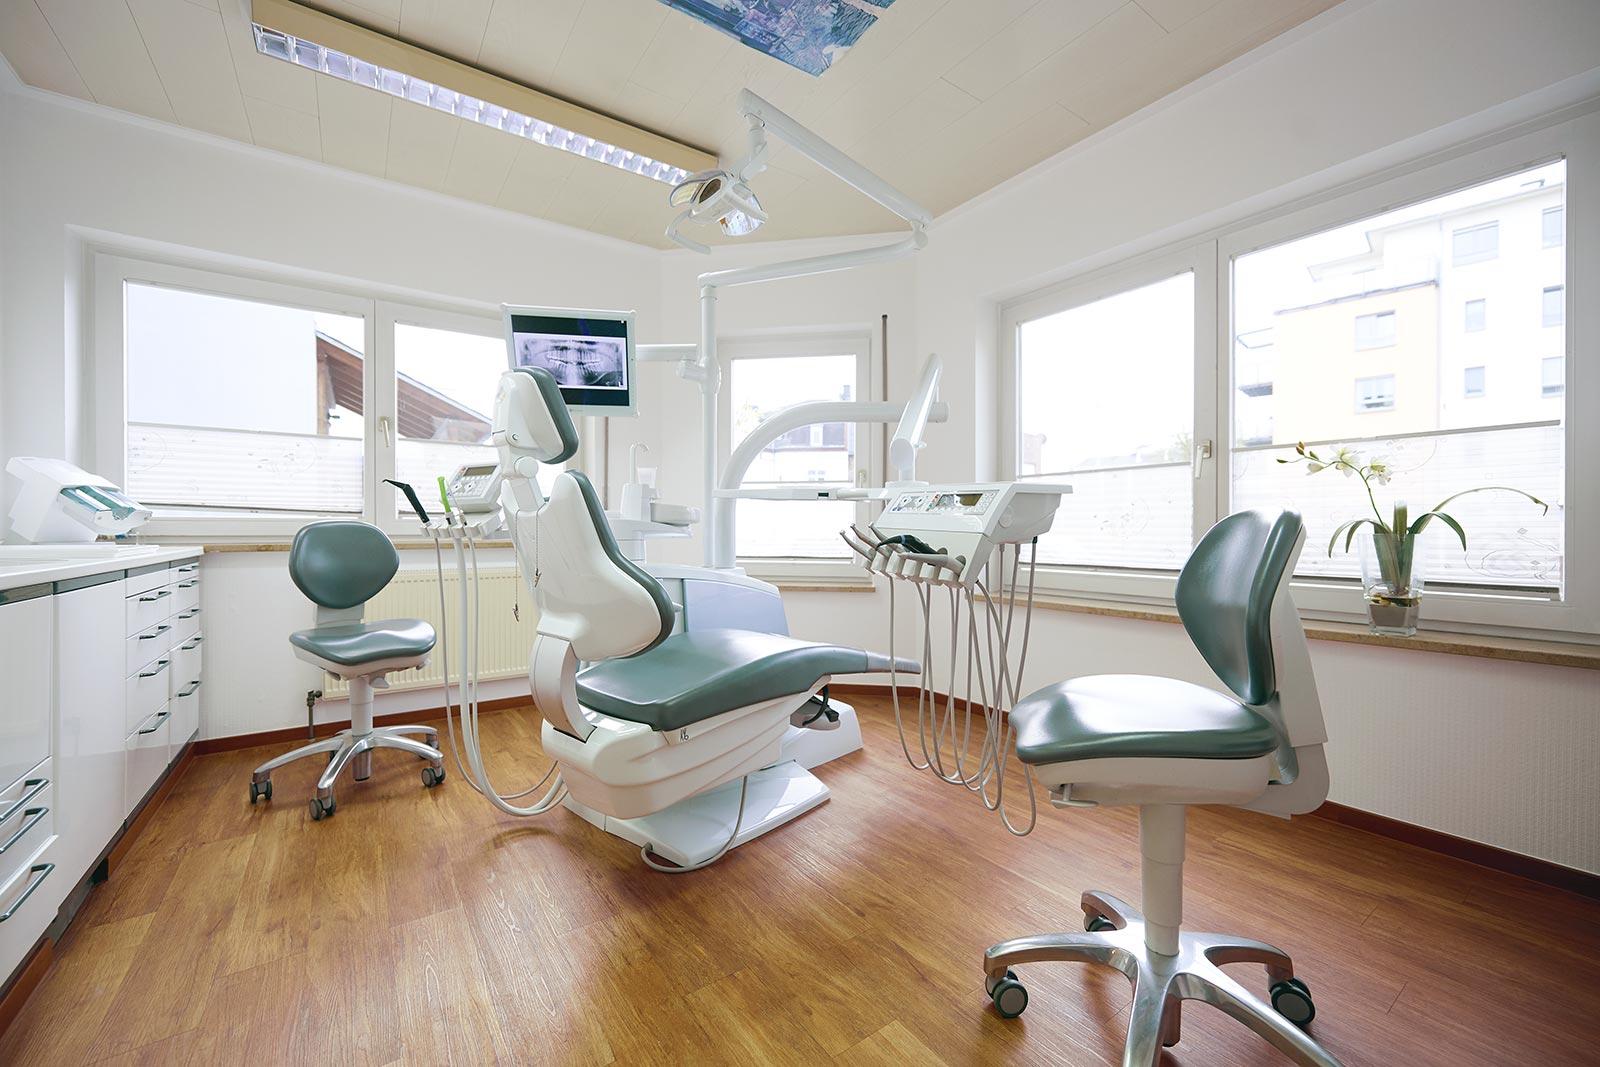 Der zahnärztliche Behandlungsraum 2